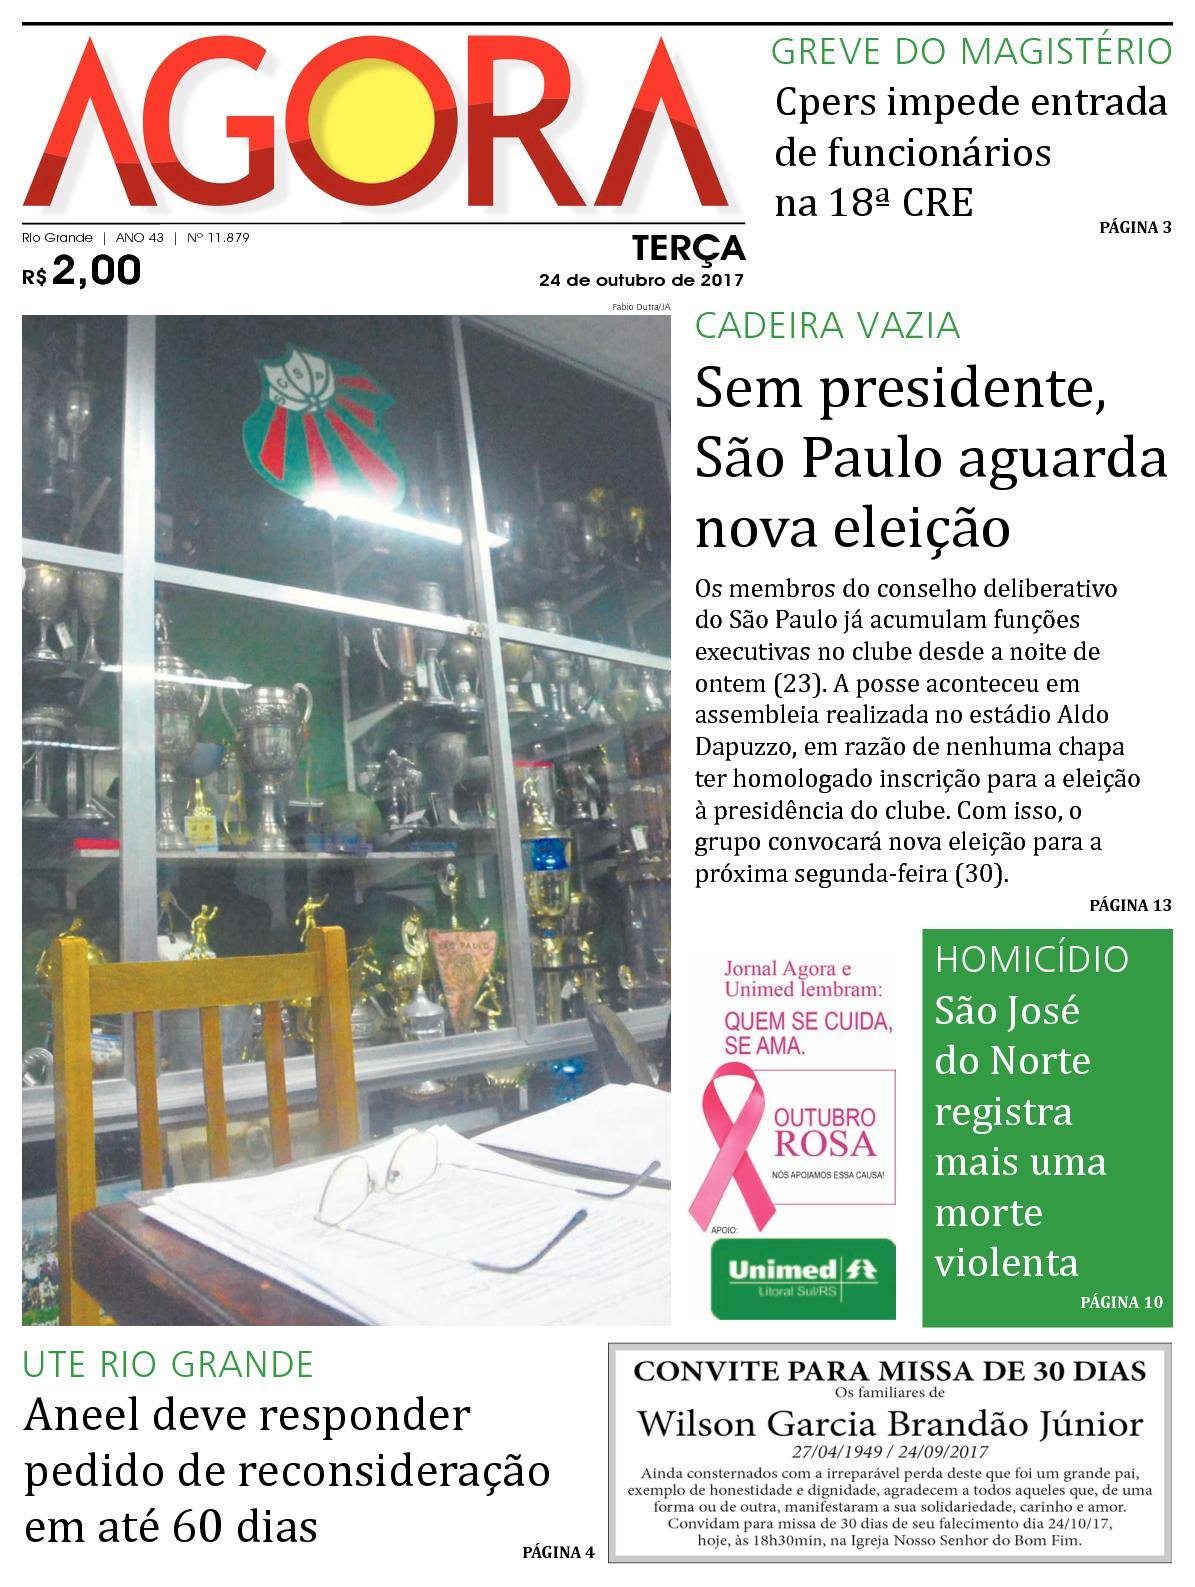 a8eb2ecf01a Calaméo - Jornal Agora - Edição 11879 - 24 de Outubro de 2017